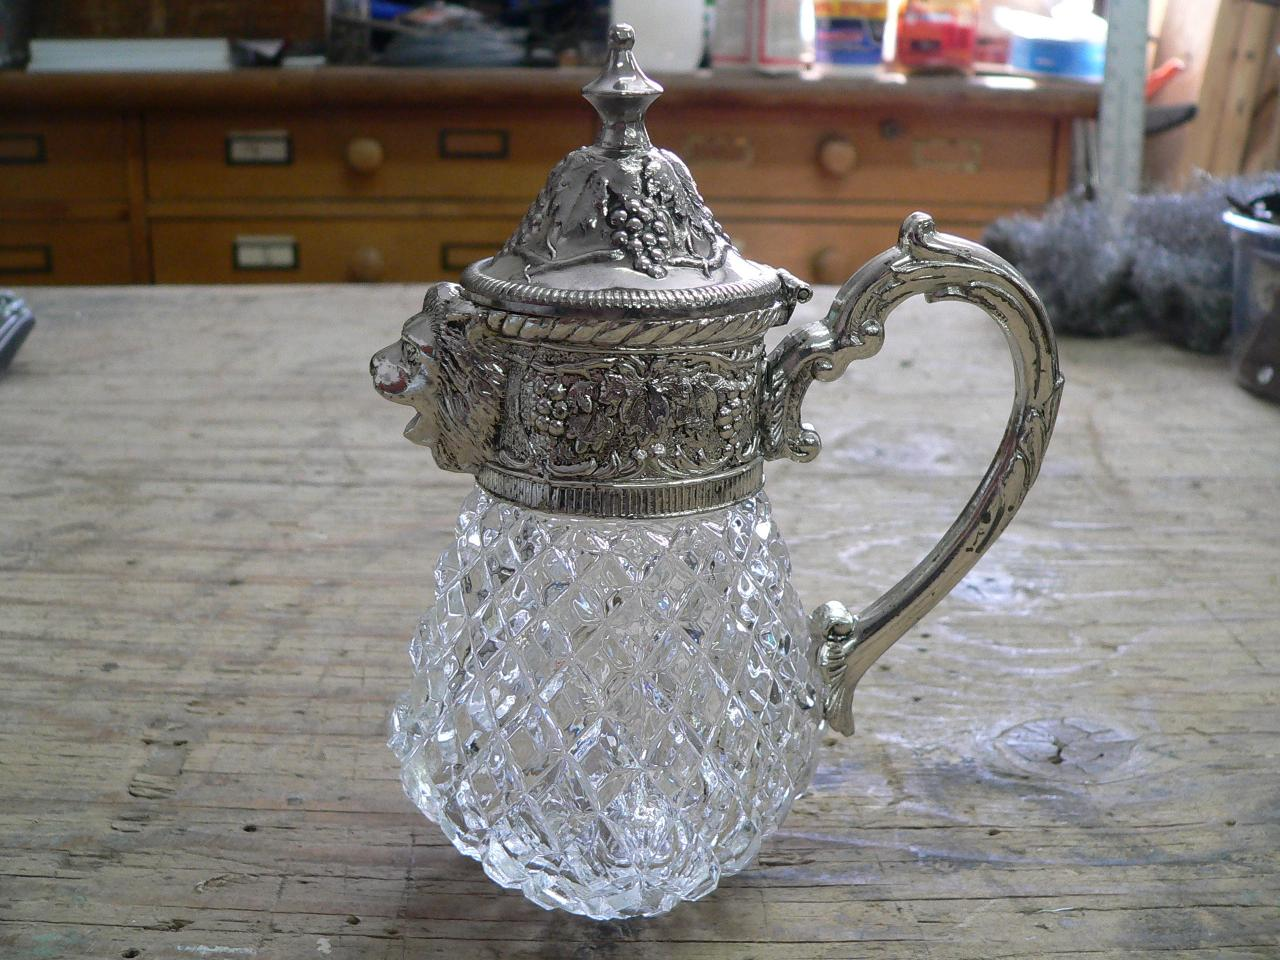 Laitier en crystal et argent # 2800